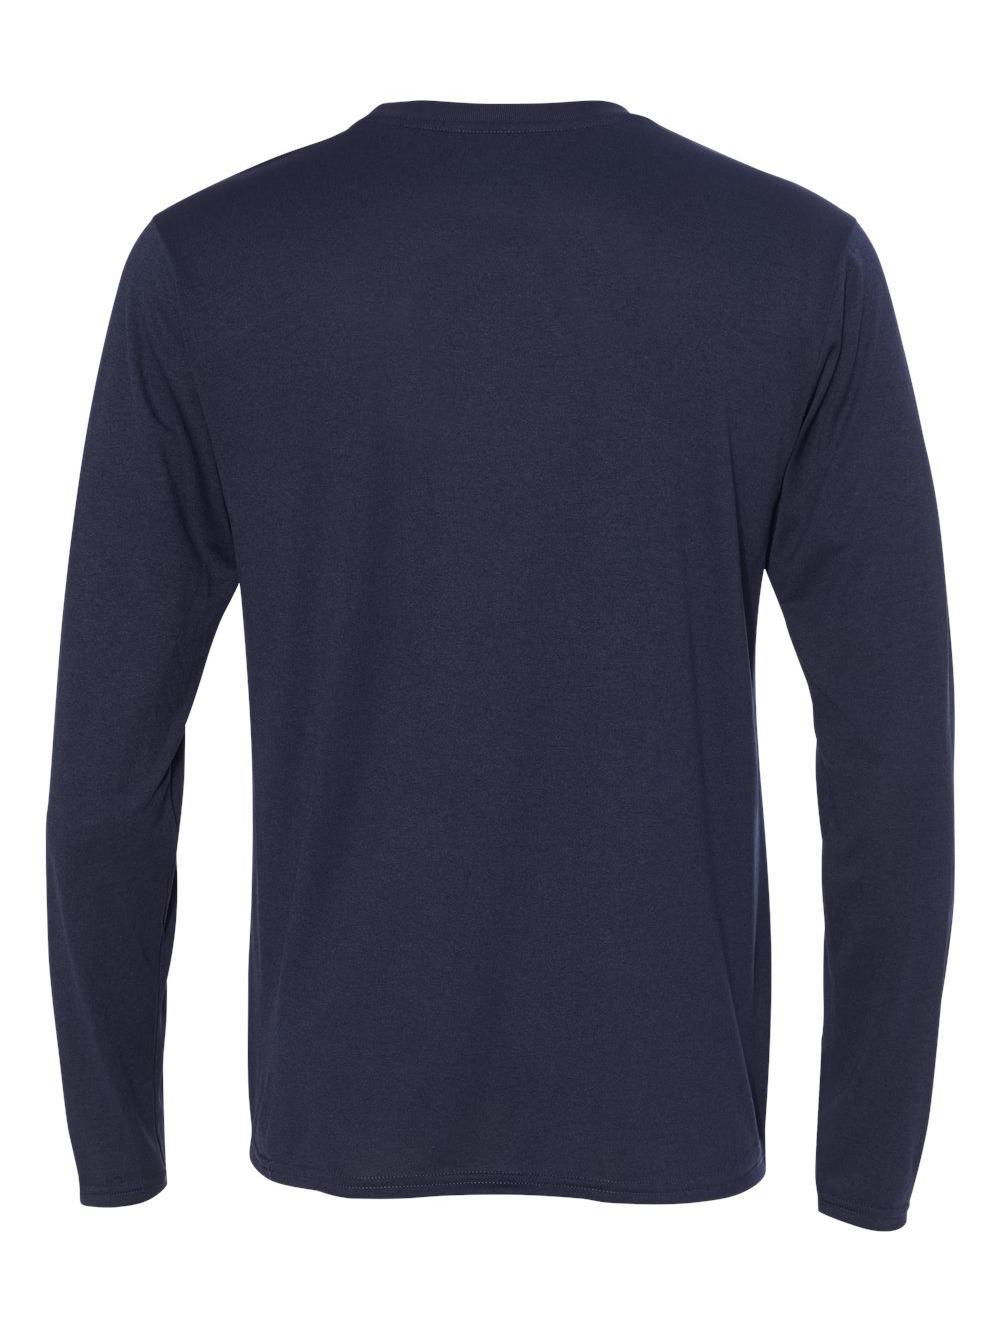 Gildan-Tech-Performance-Long-Sleeve-T-Shirt-47400 miniatura 13